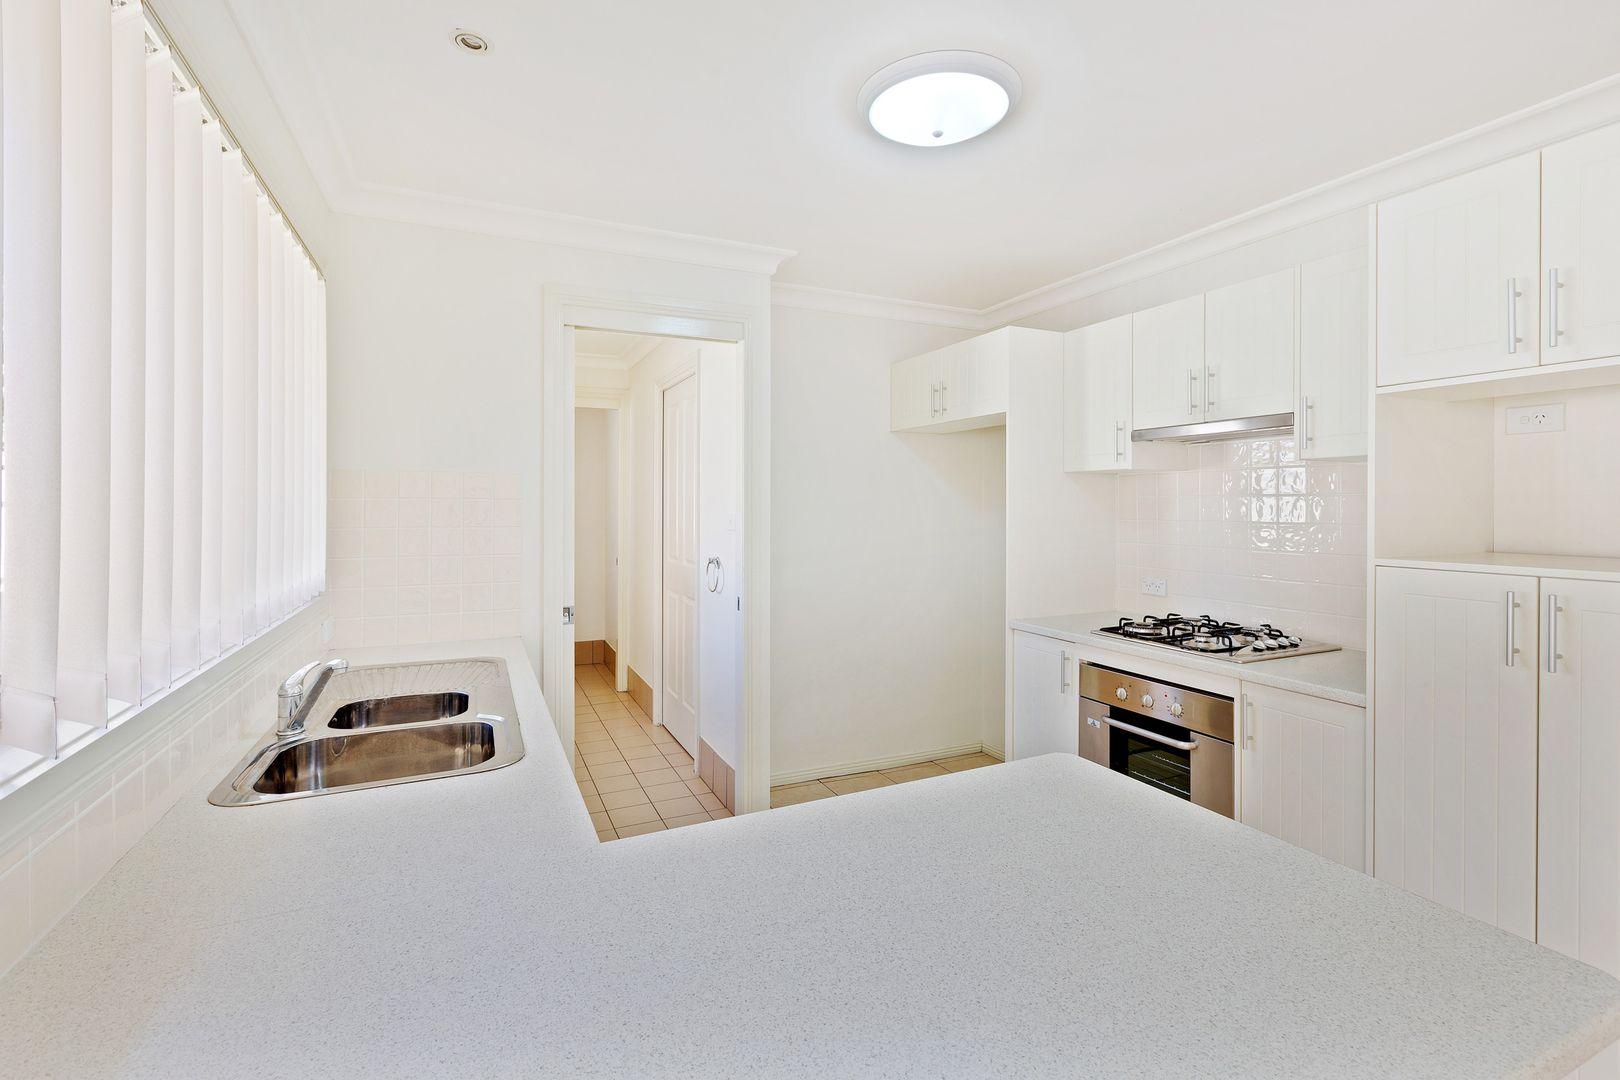 3/128 Howick Street, Bathurst NSW 2795, Image 2